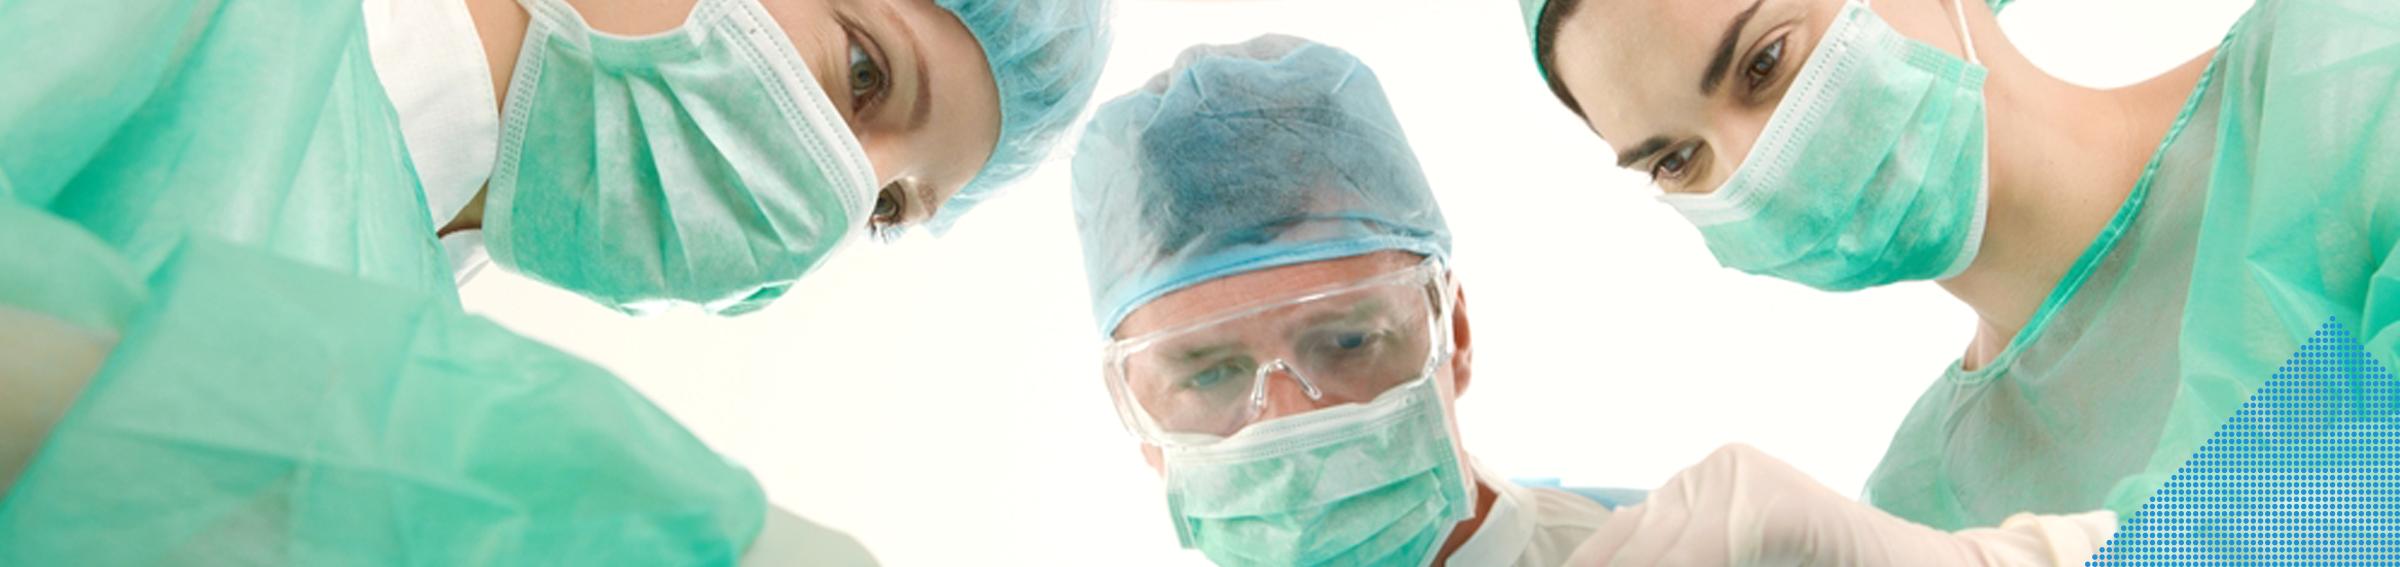 Cuidados de saúde - Medical fader